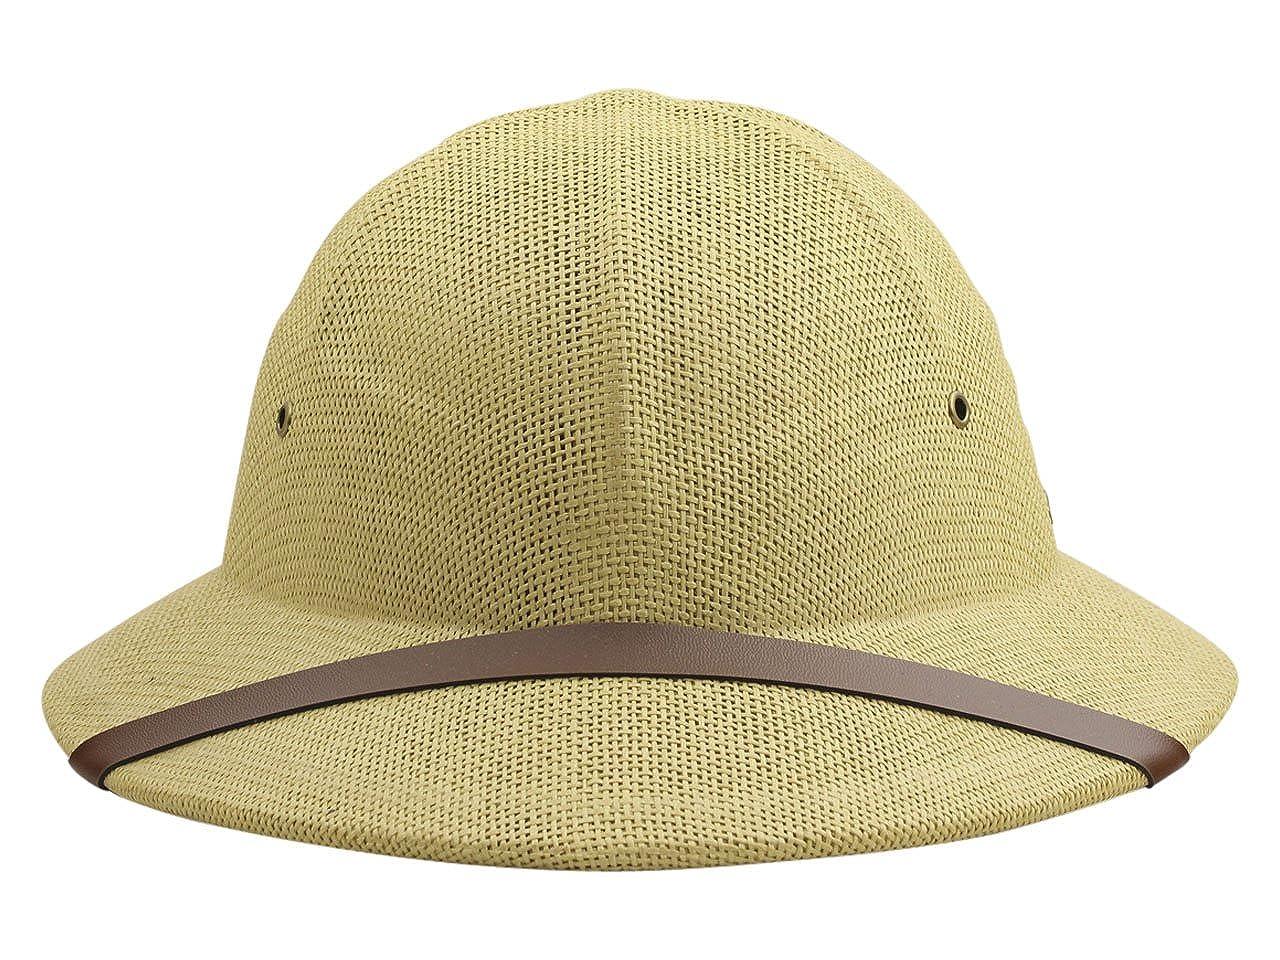 ff0f76402f5e6 Amazon.com  DPC Global Trends Men s Fine Twisted Toyo Pith Helmet ...